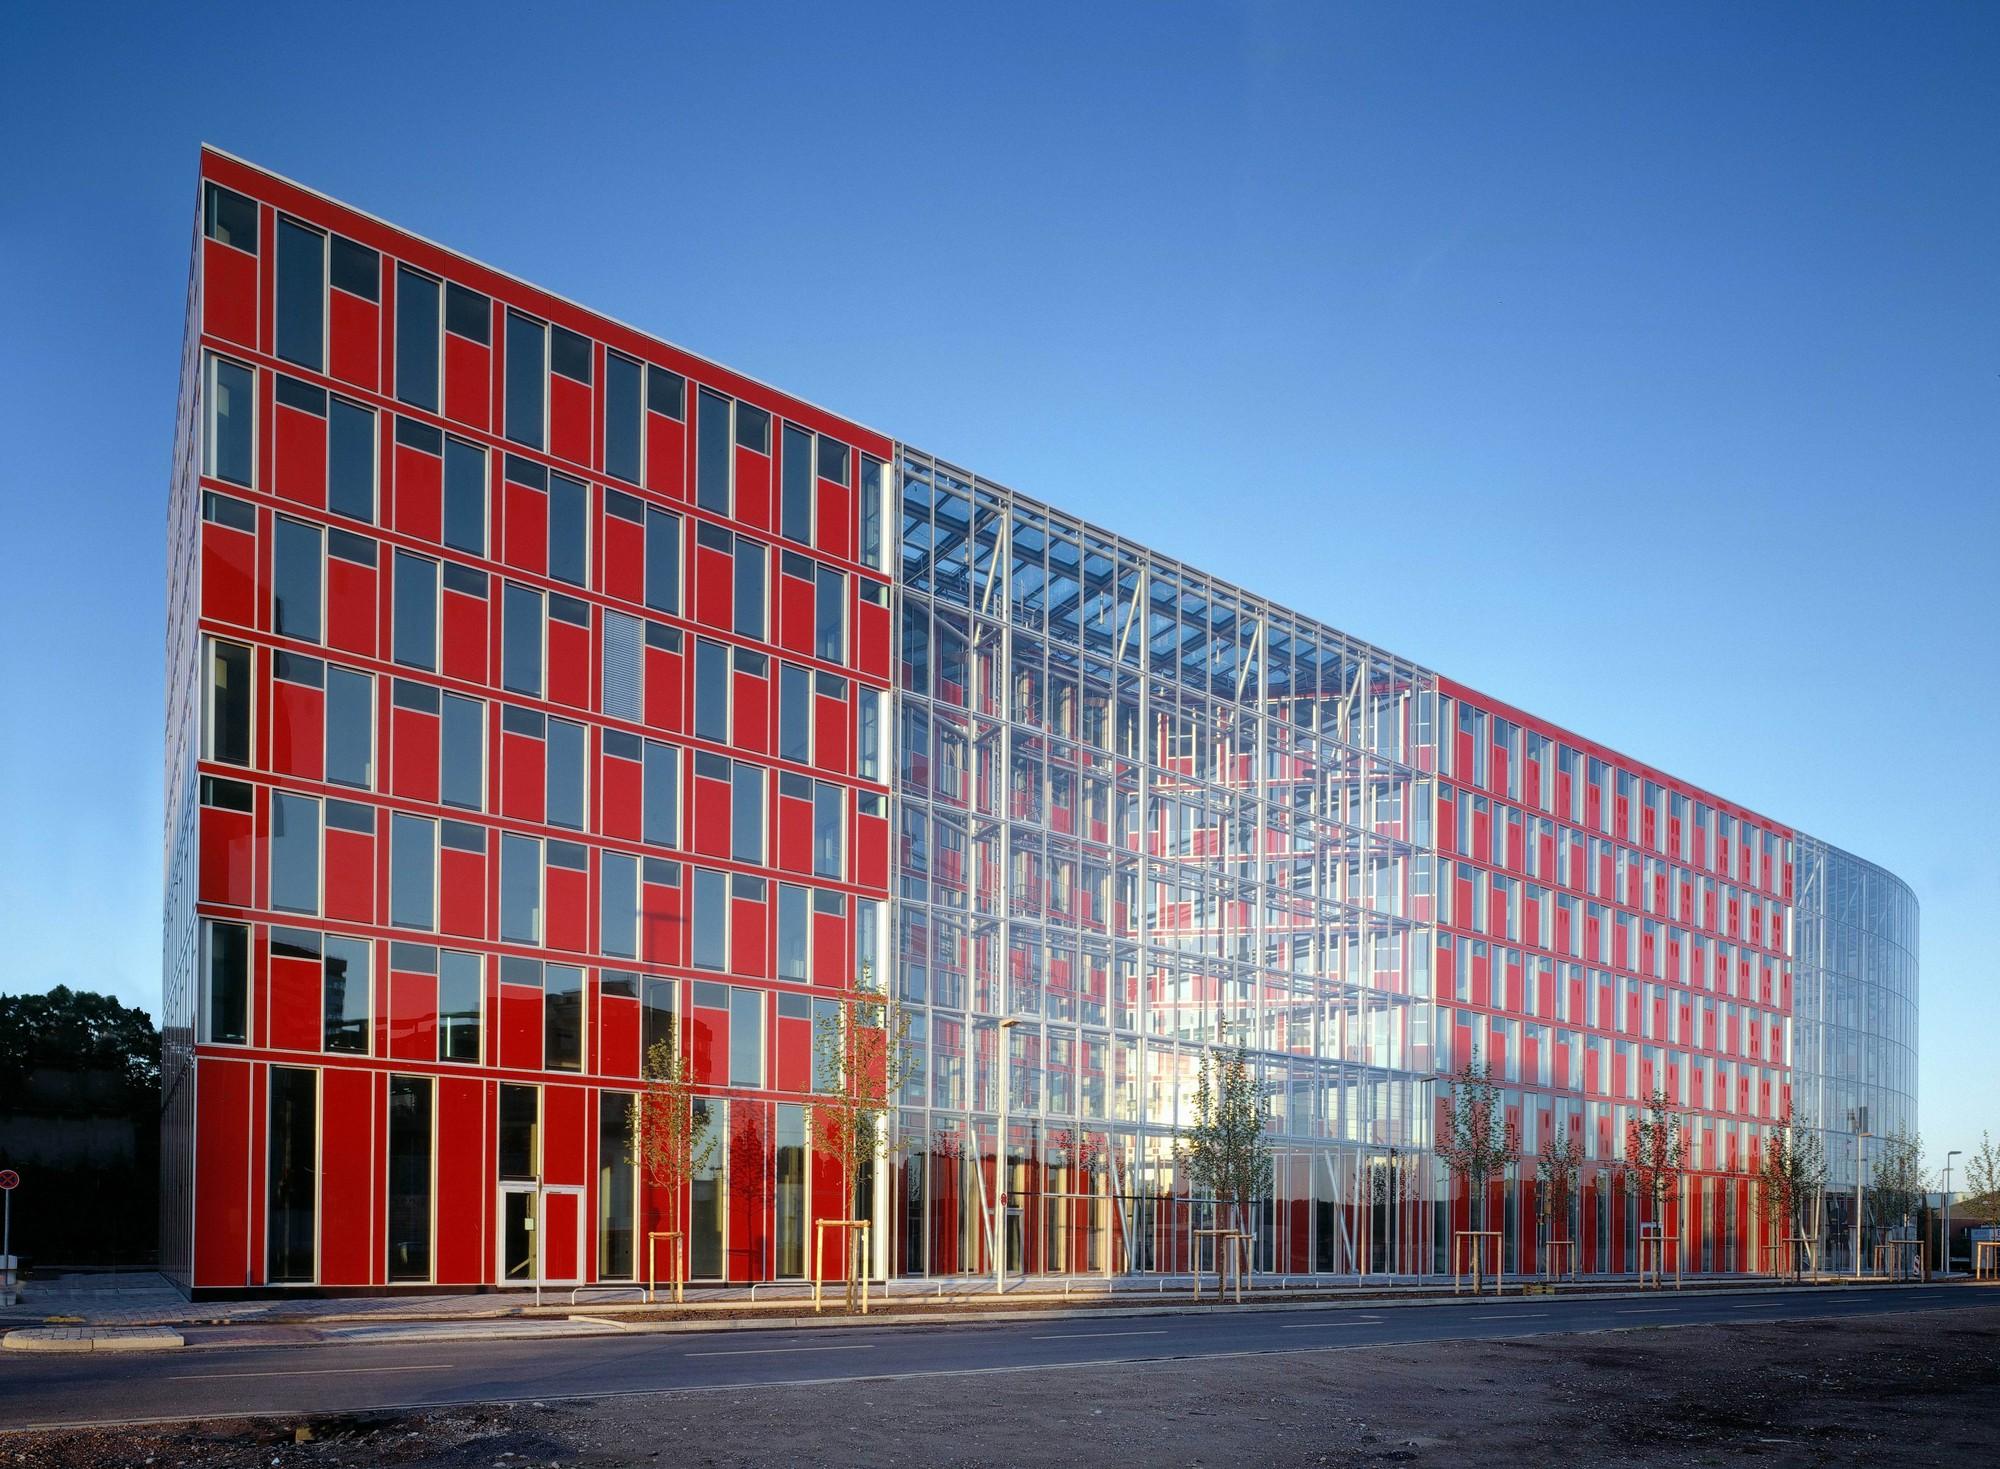 Capricorn House Medienhafen Düsseldorf / Gatermann + Schossig, © Rainer Rehfeld